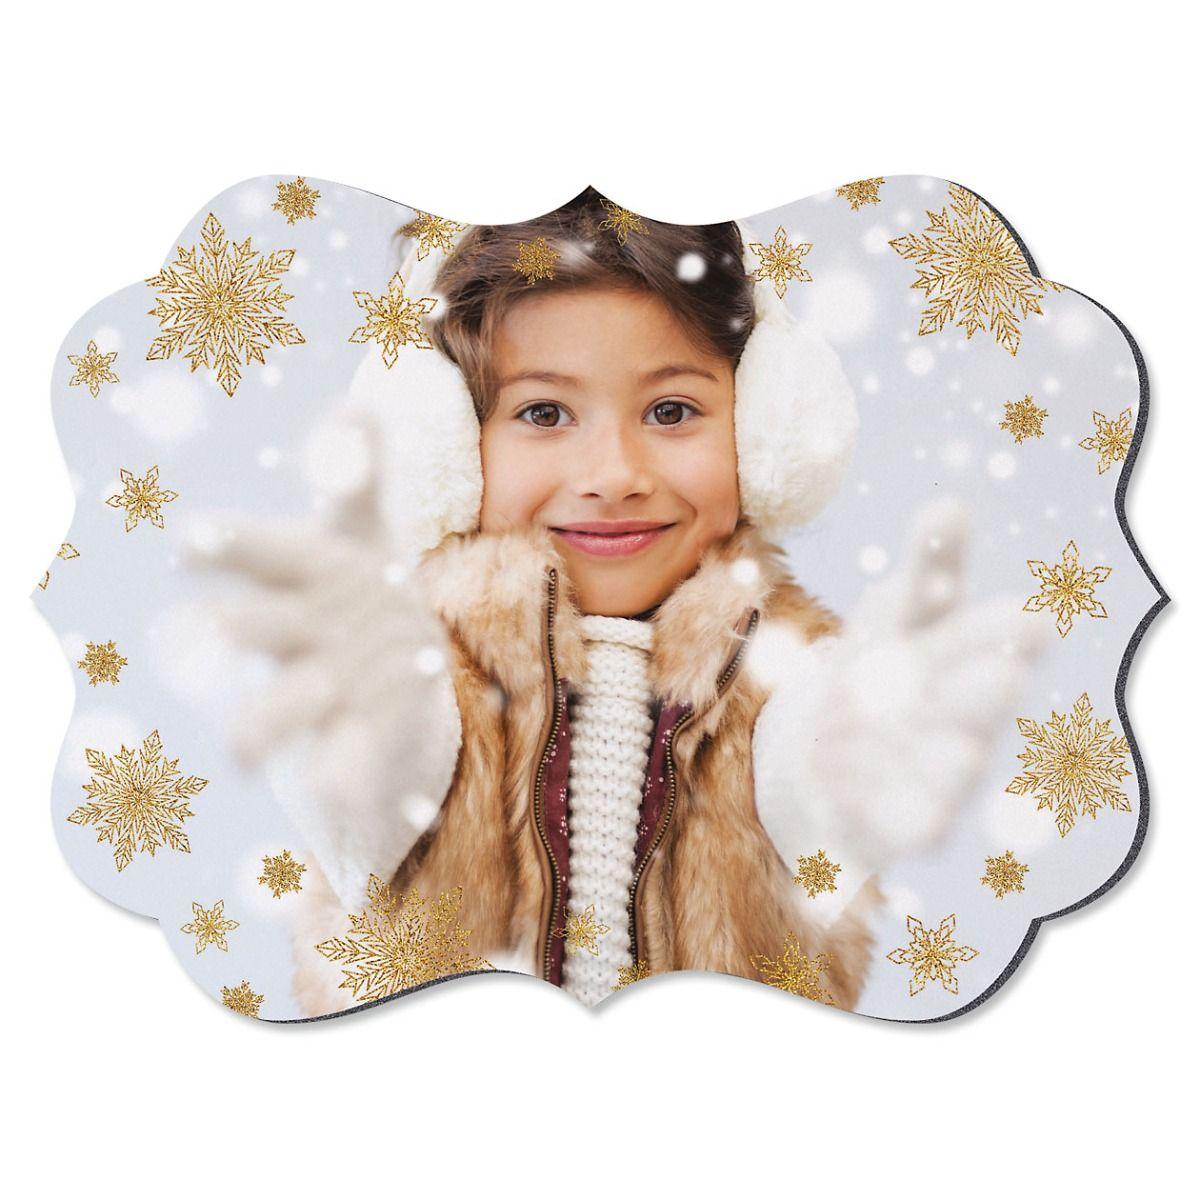 Glitter Snowflake Benelux Custom Photo Plaque